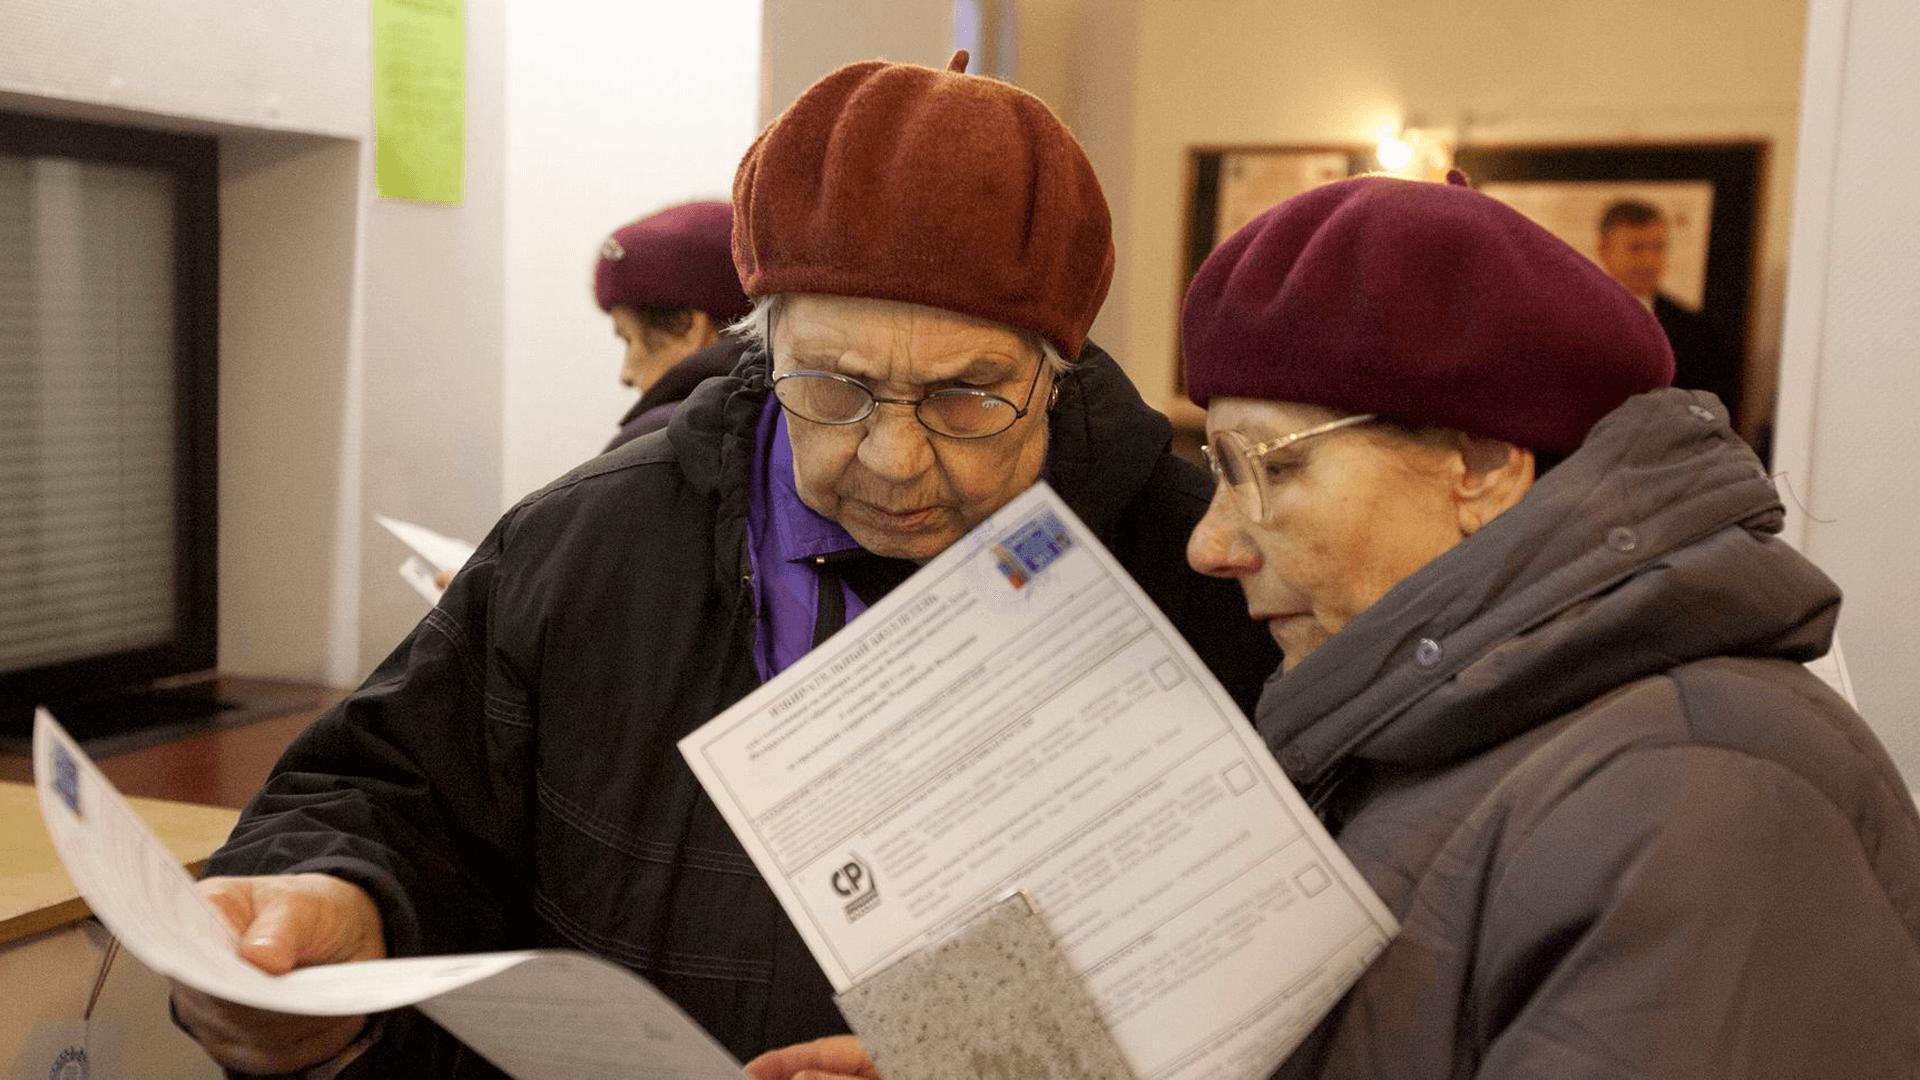 Доходность пенсионных накоплений вНПФ в минувшем 2017г составила 4,6%